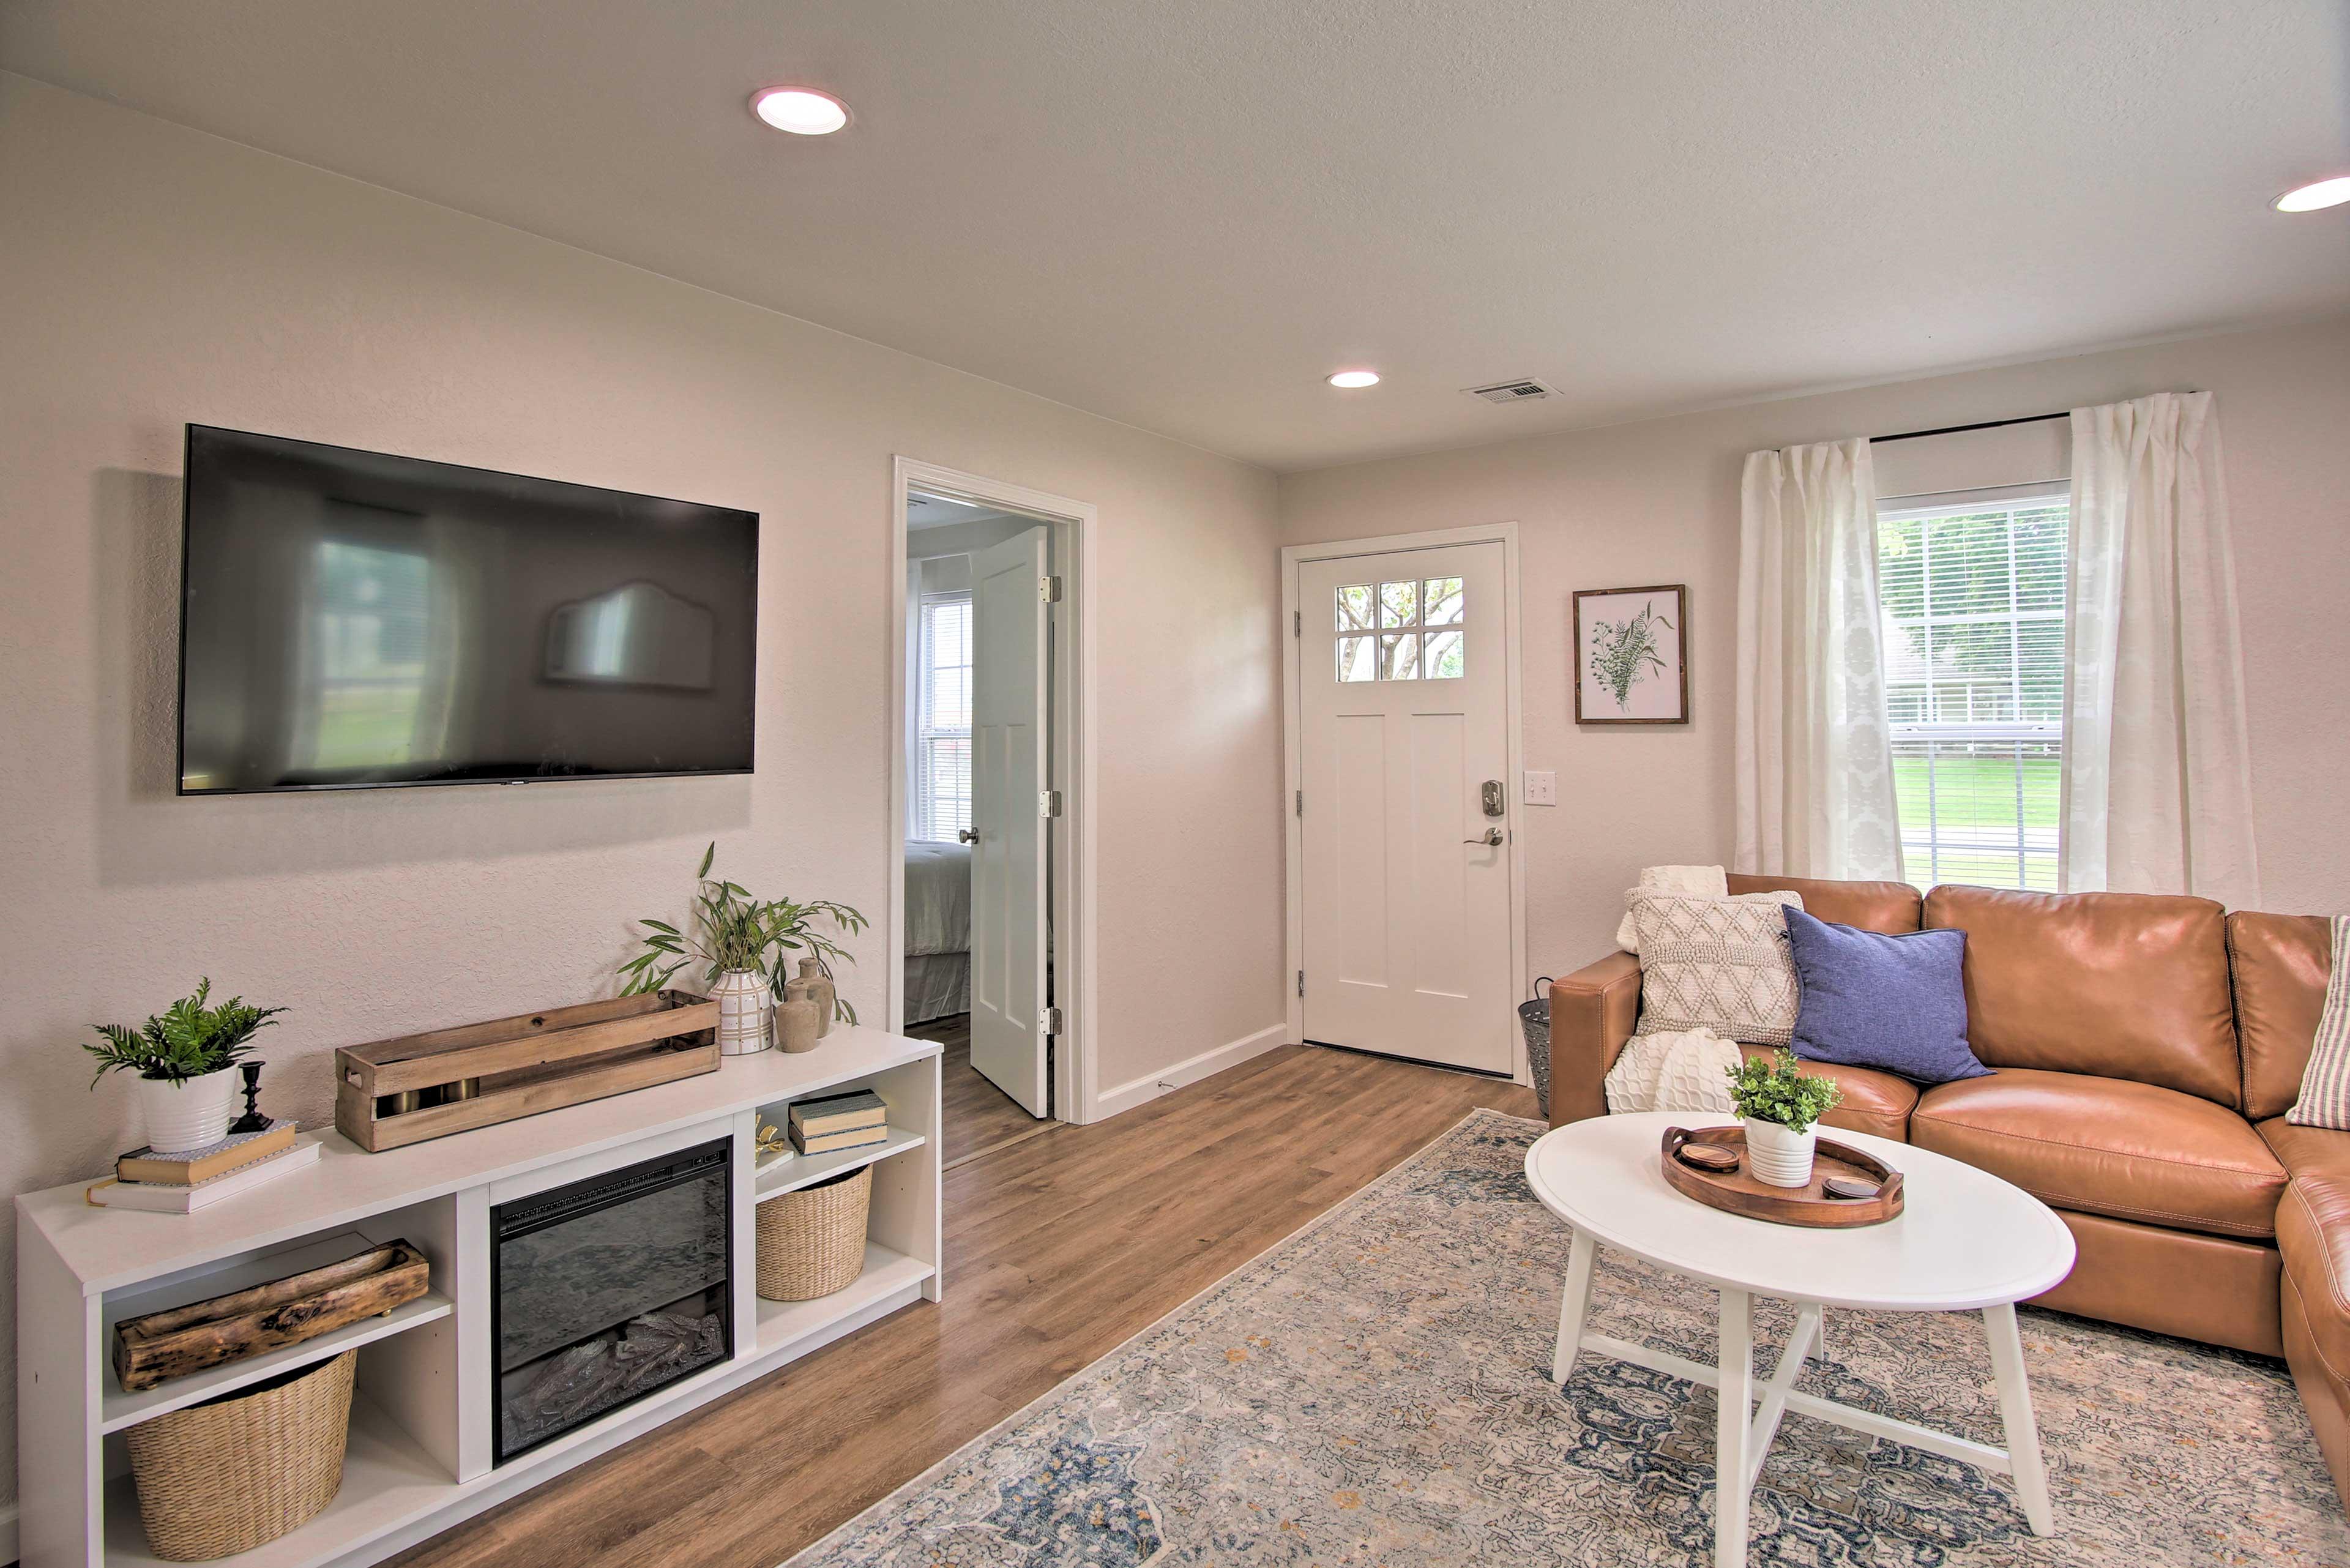 Living Area   Smart TV